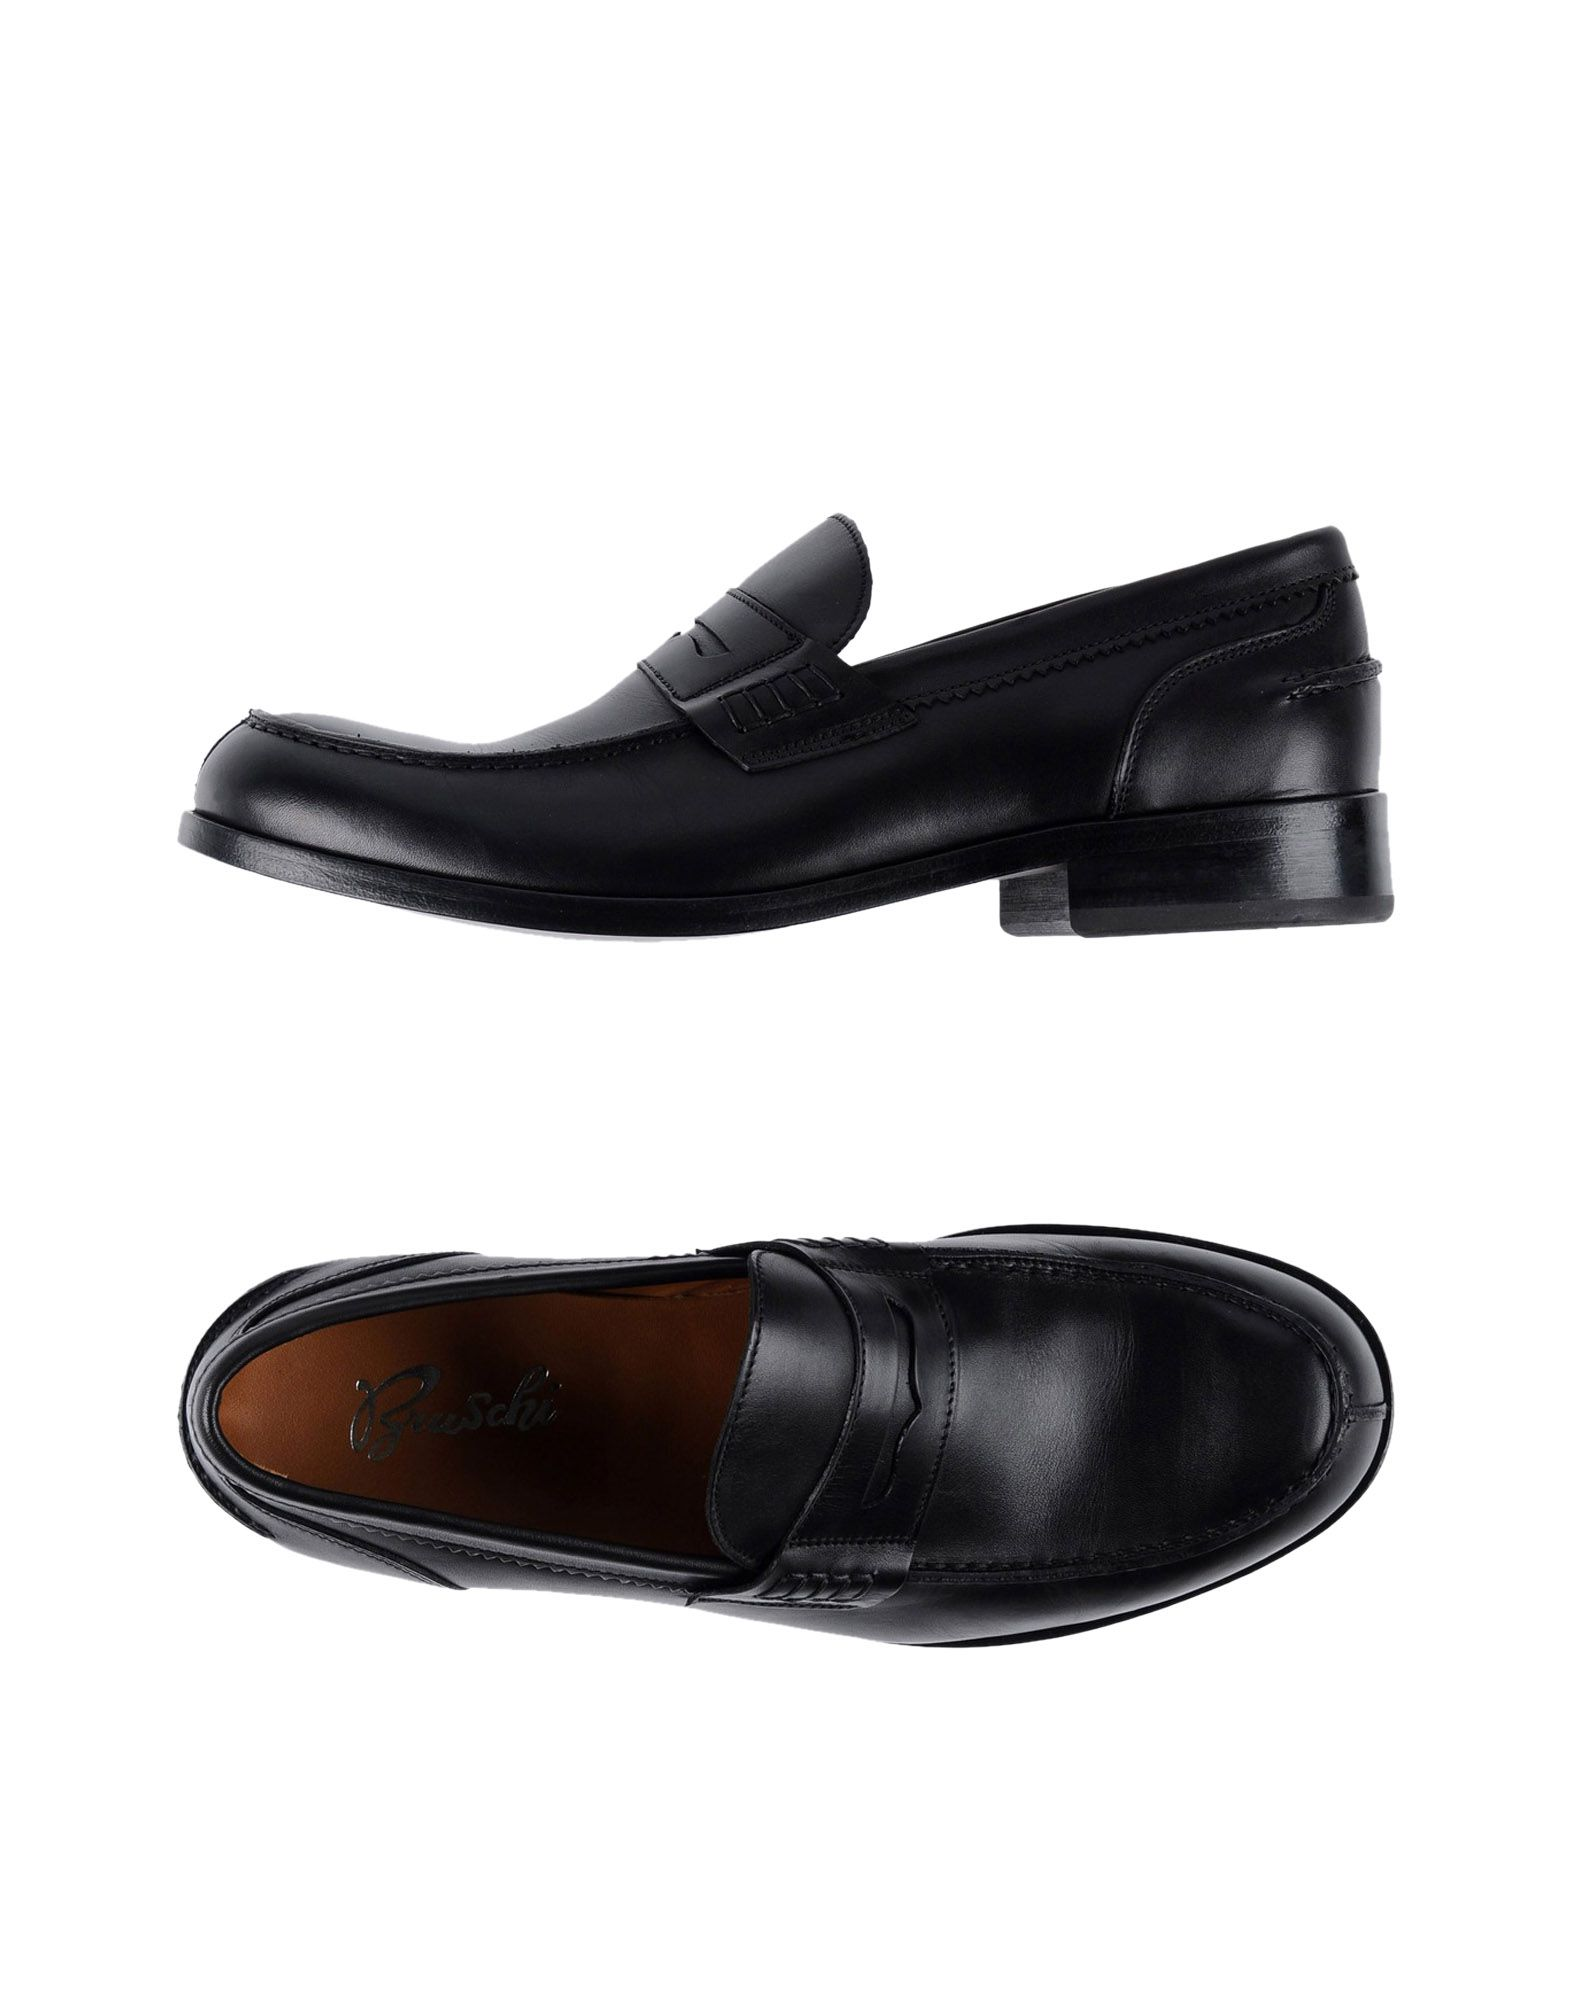 Rabatt Herren echte Schuhe Bruschi Mokassins Herren Rabatt  11052189JN b207dd